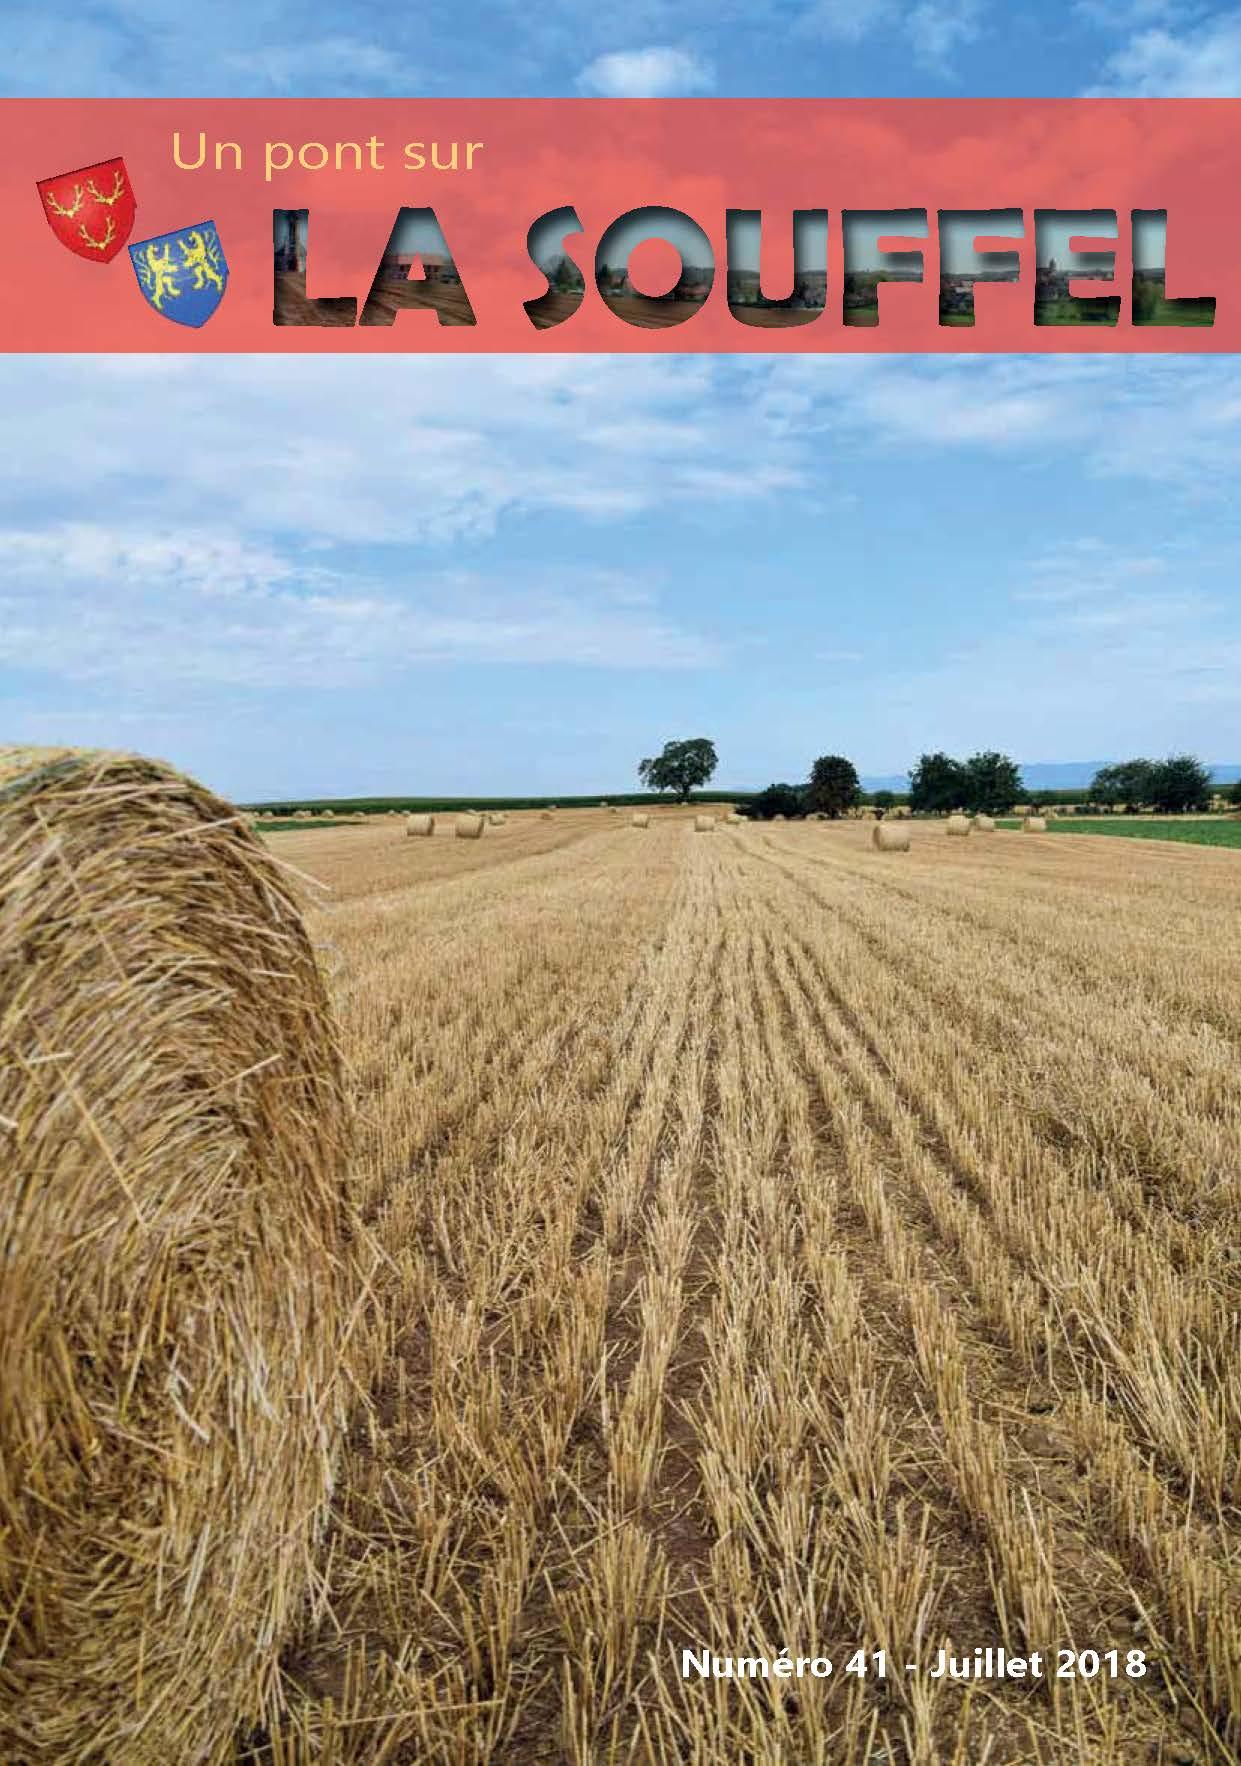 N°41 - Un Pont sur la Souffel - Juillet 2018